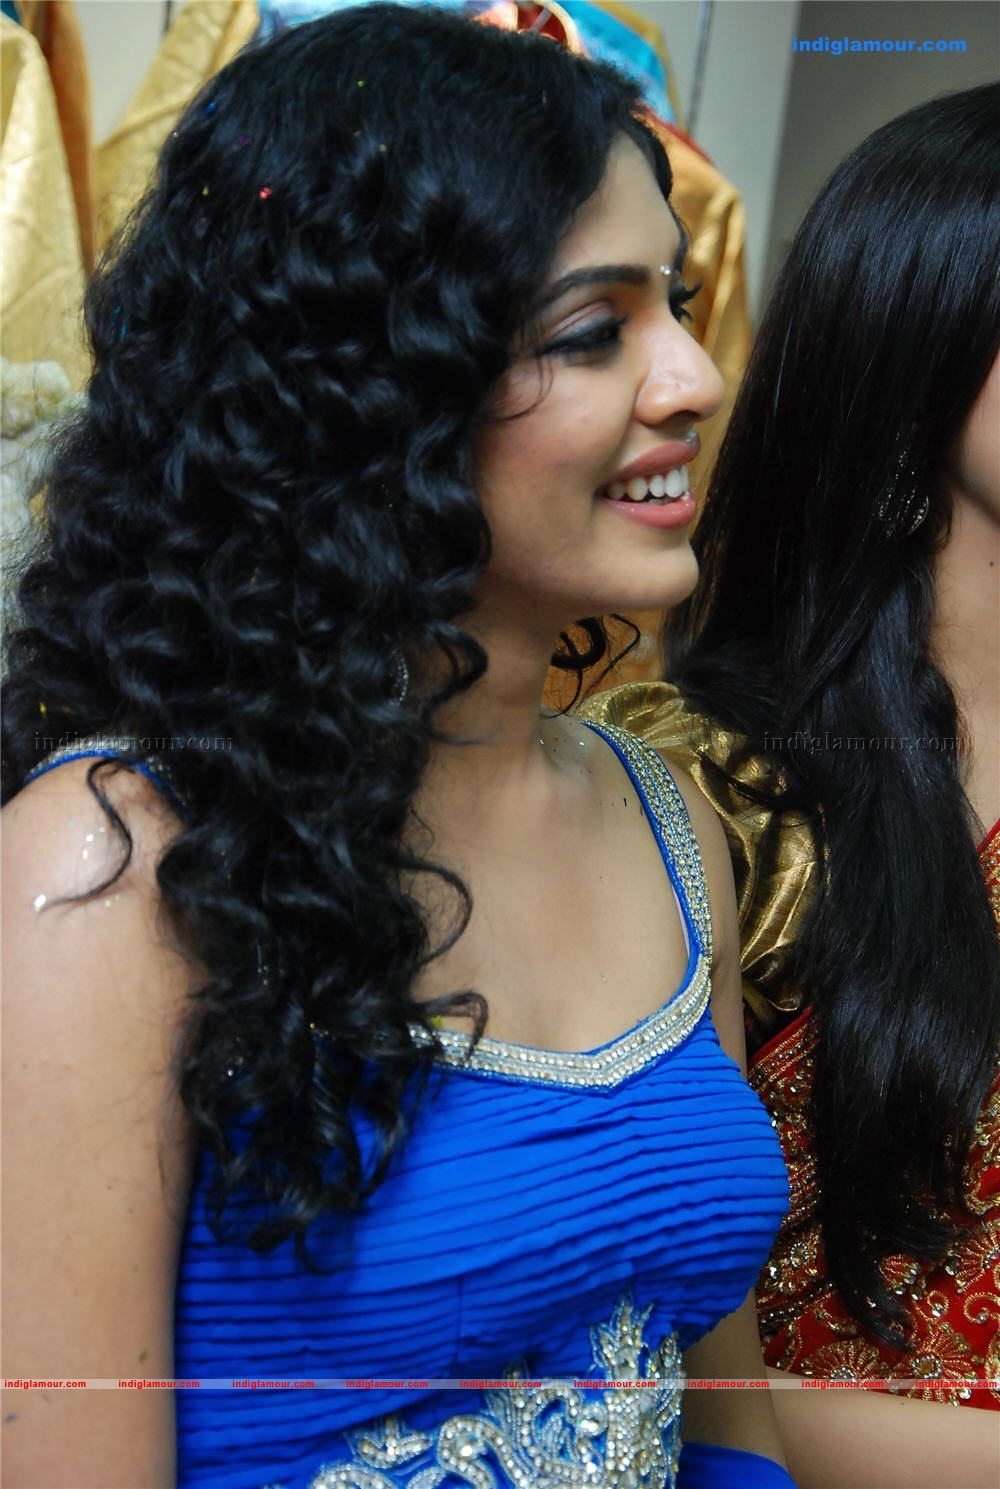 Actress Rima Kallingal Hot Photos 2015 Filmy Andhra